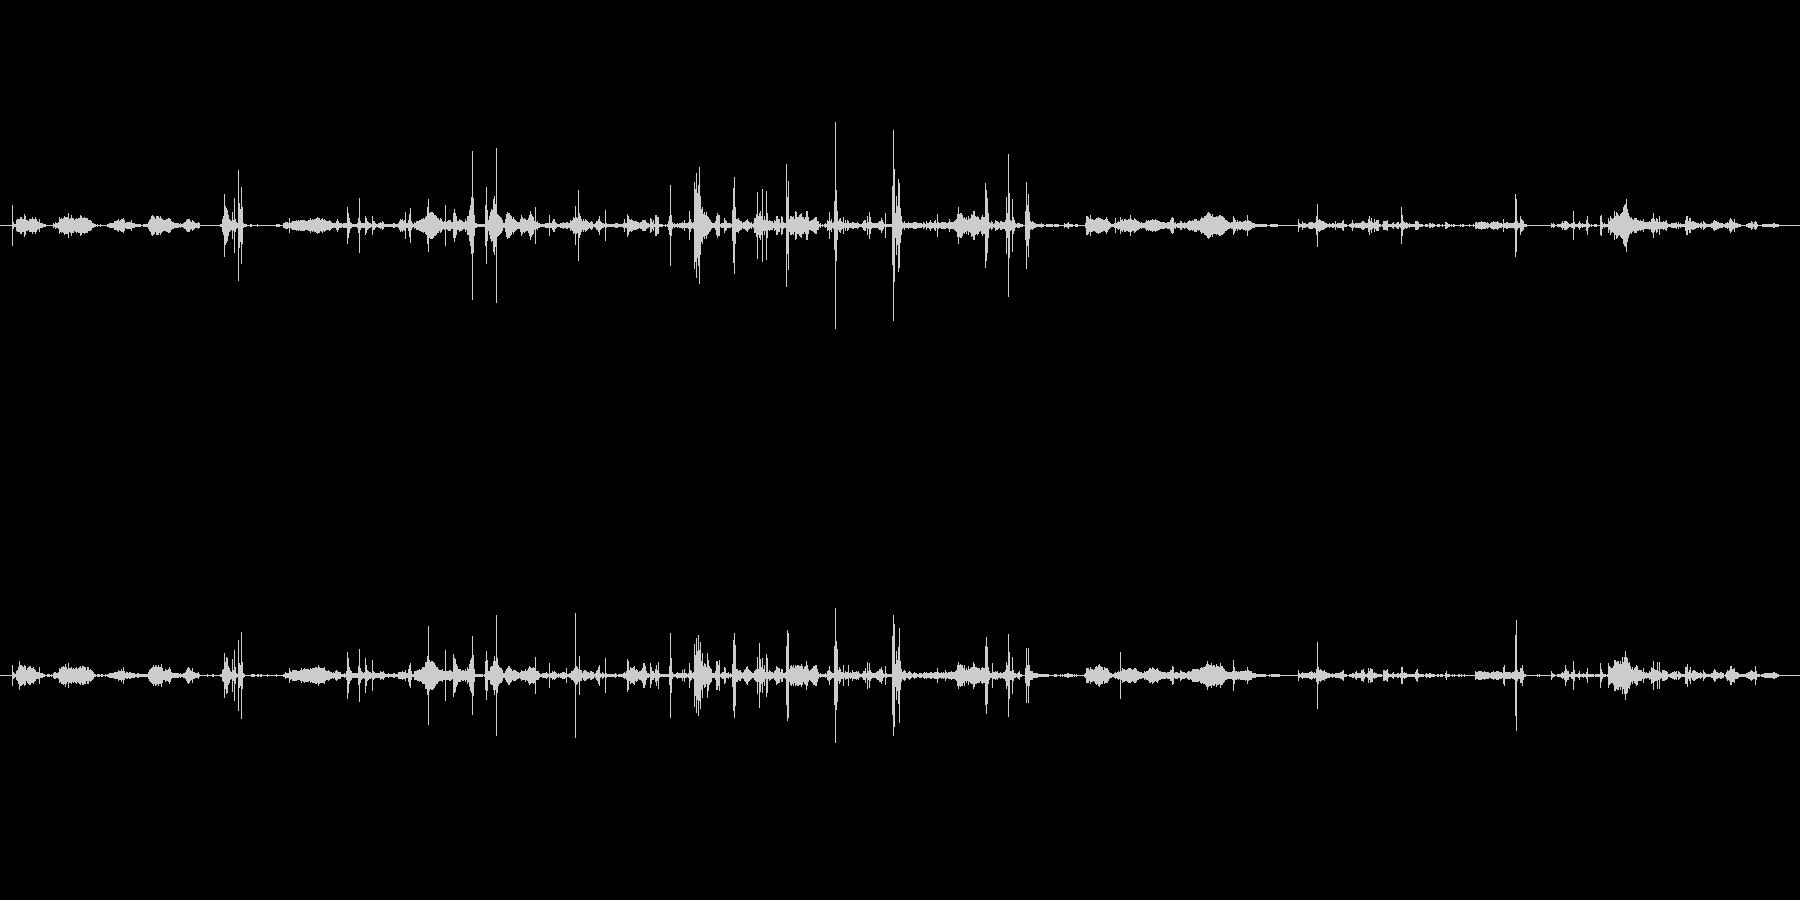 紙 トランプハンドル02の未再生の波形